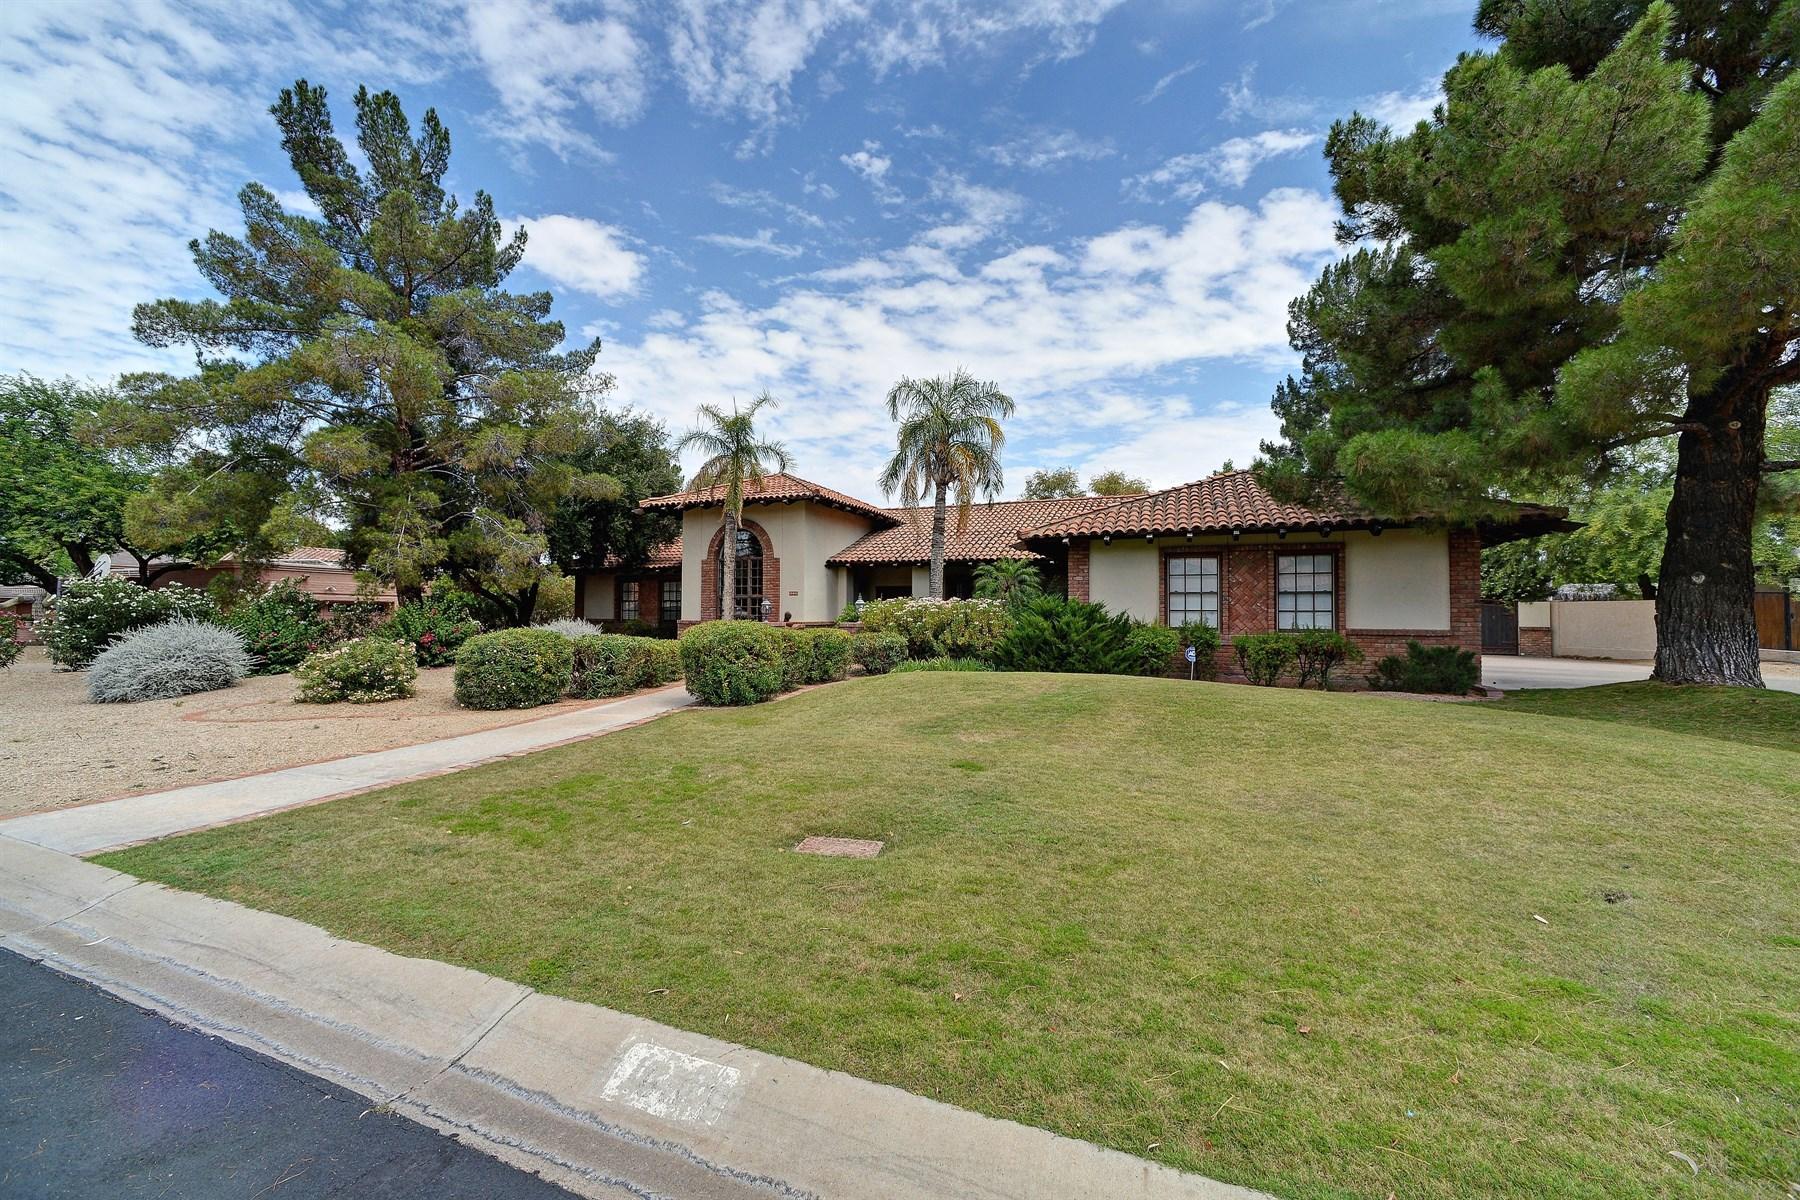 Vivienda unifamiliar por un Venta en Beautifully remodeled Paradise Valley home. 10401 N 48TH PL Paradise Valley, Arizona 85253 Estados Unidos